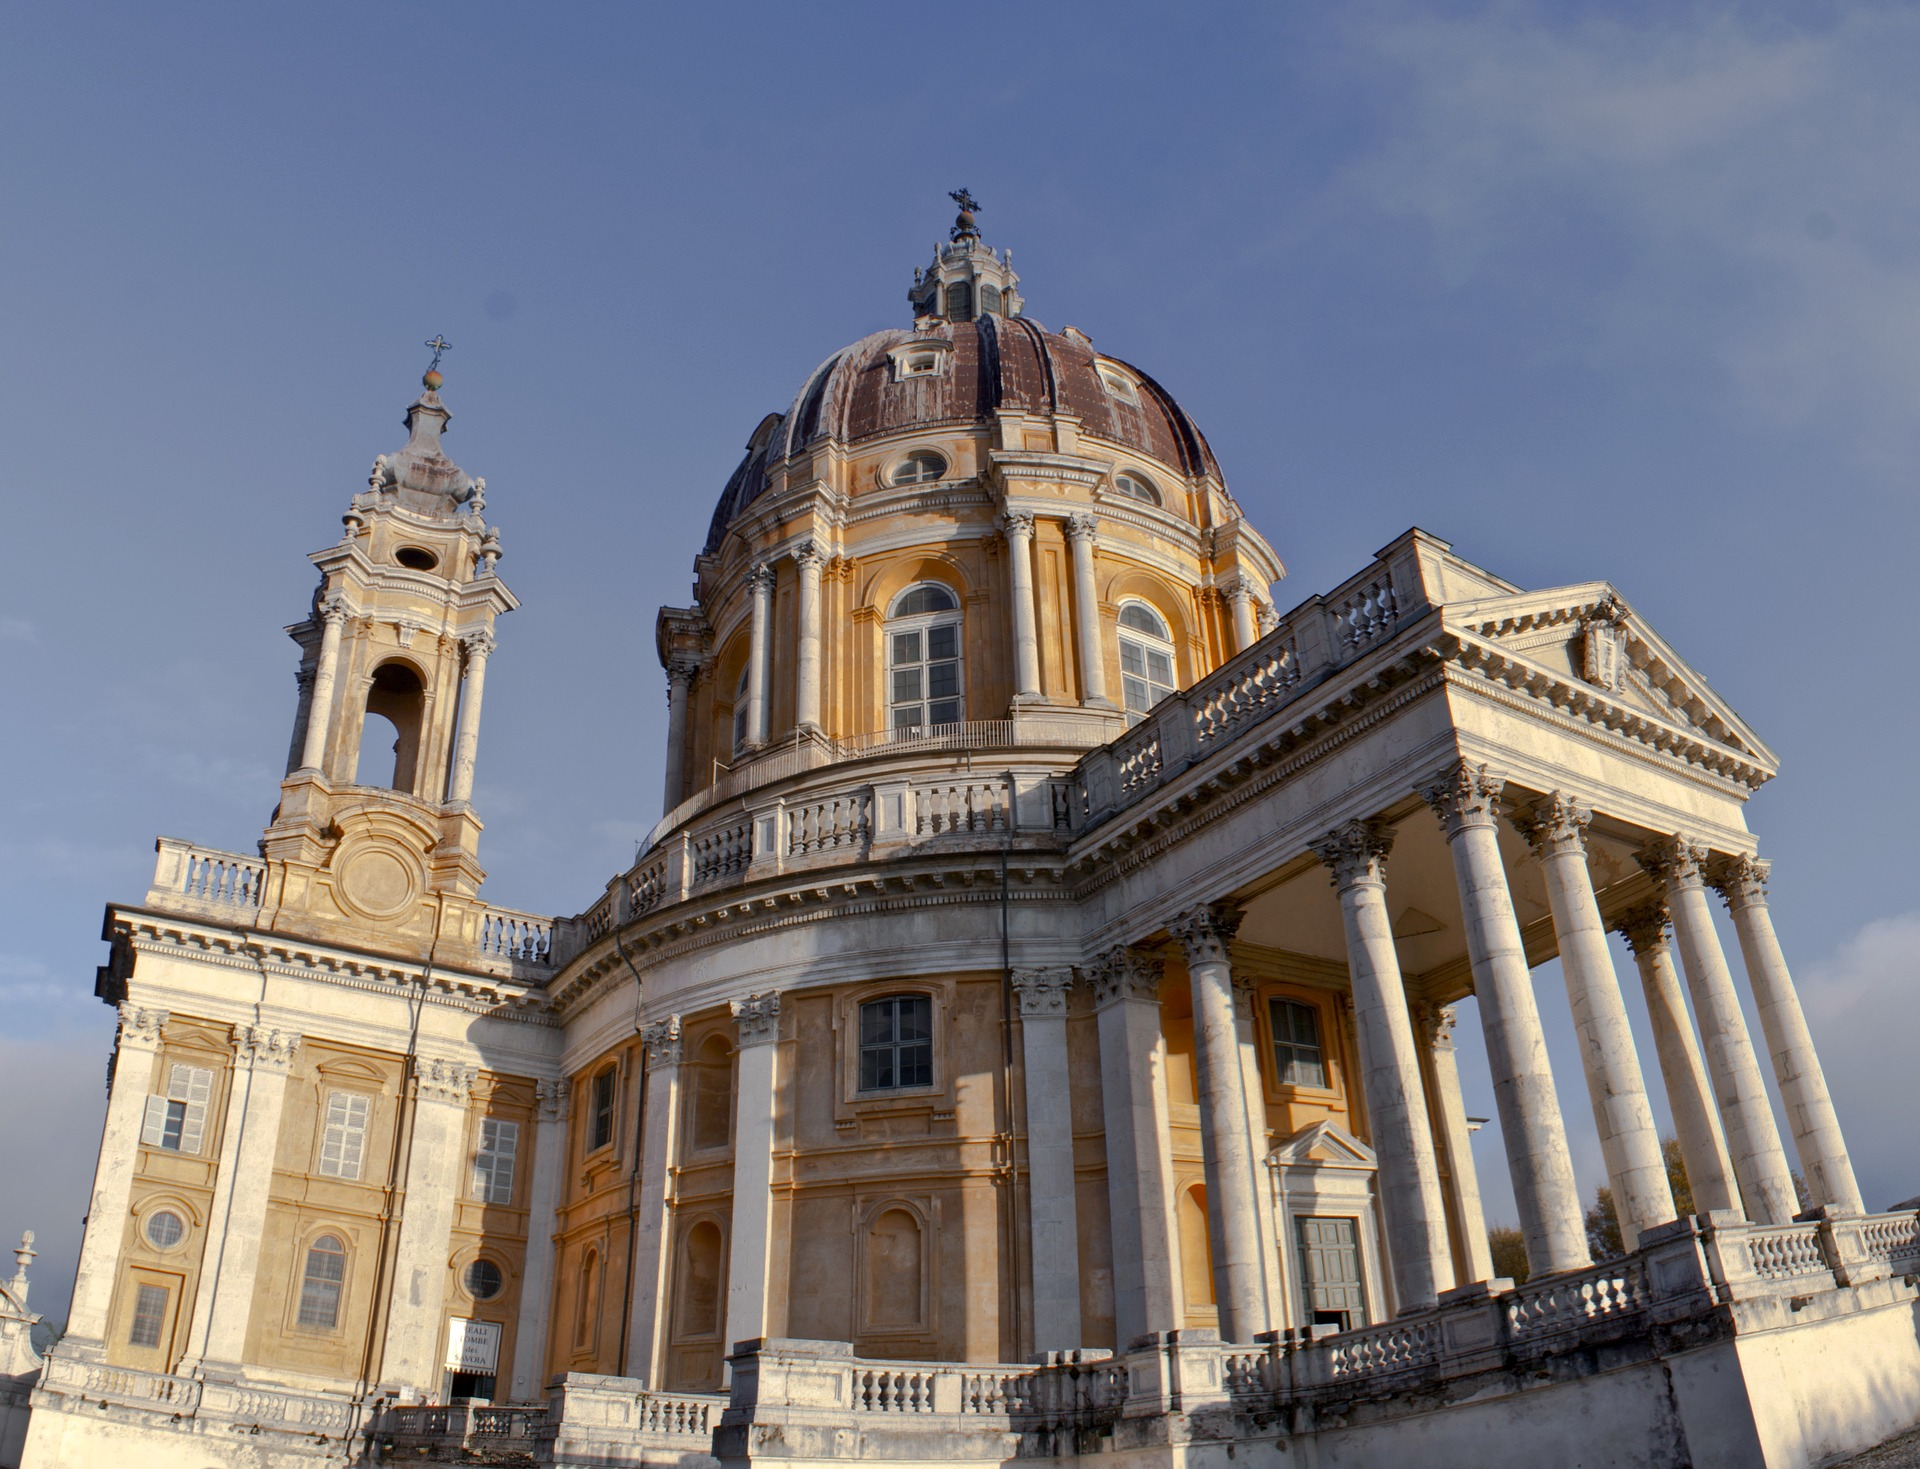 basilica di superga-torino.